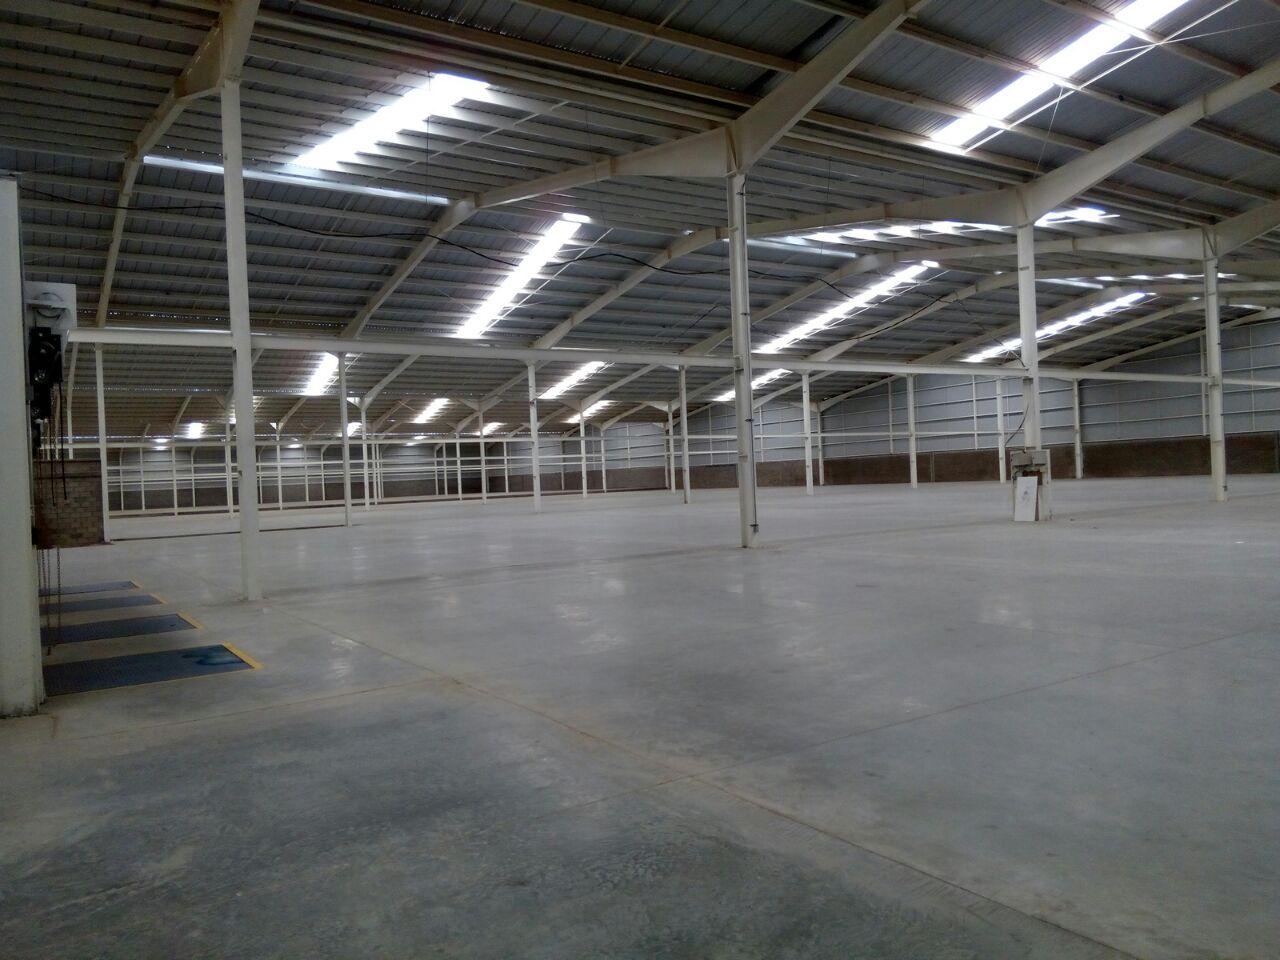 Autódromo OAM Parque Industrial Logístico Nave Industrial Amplia